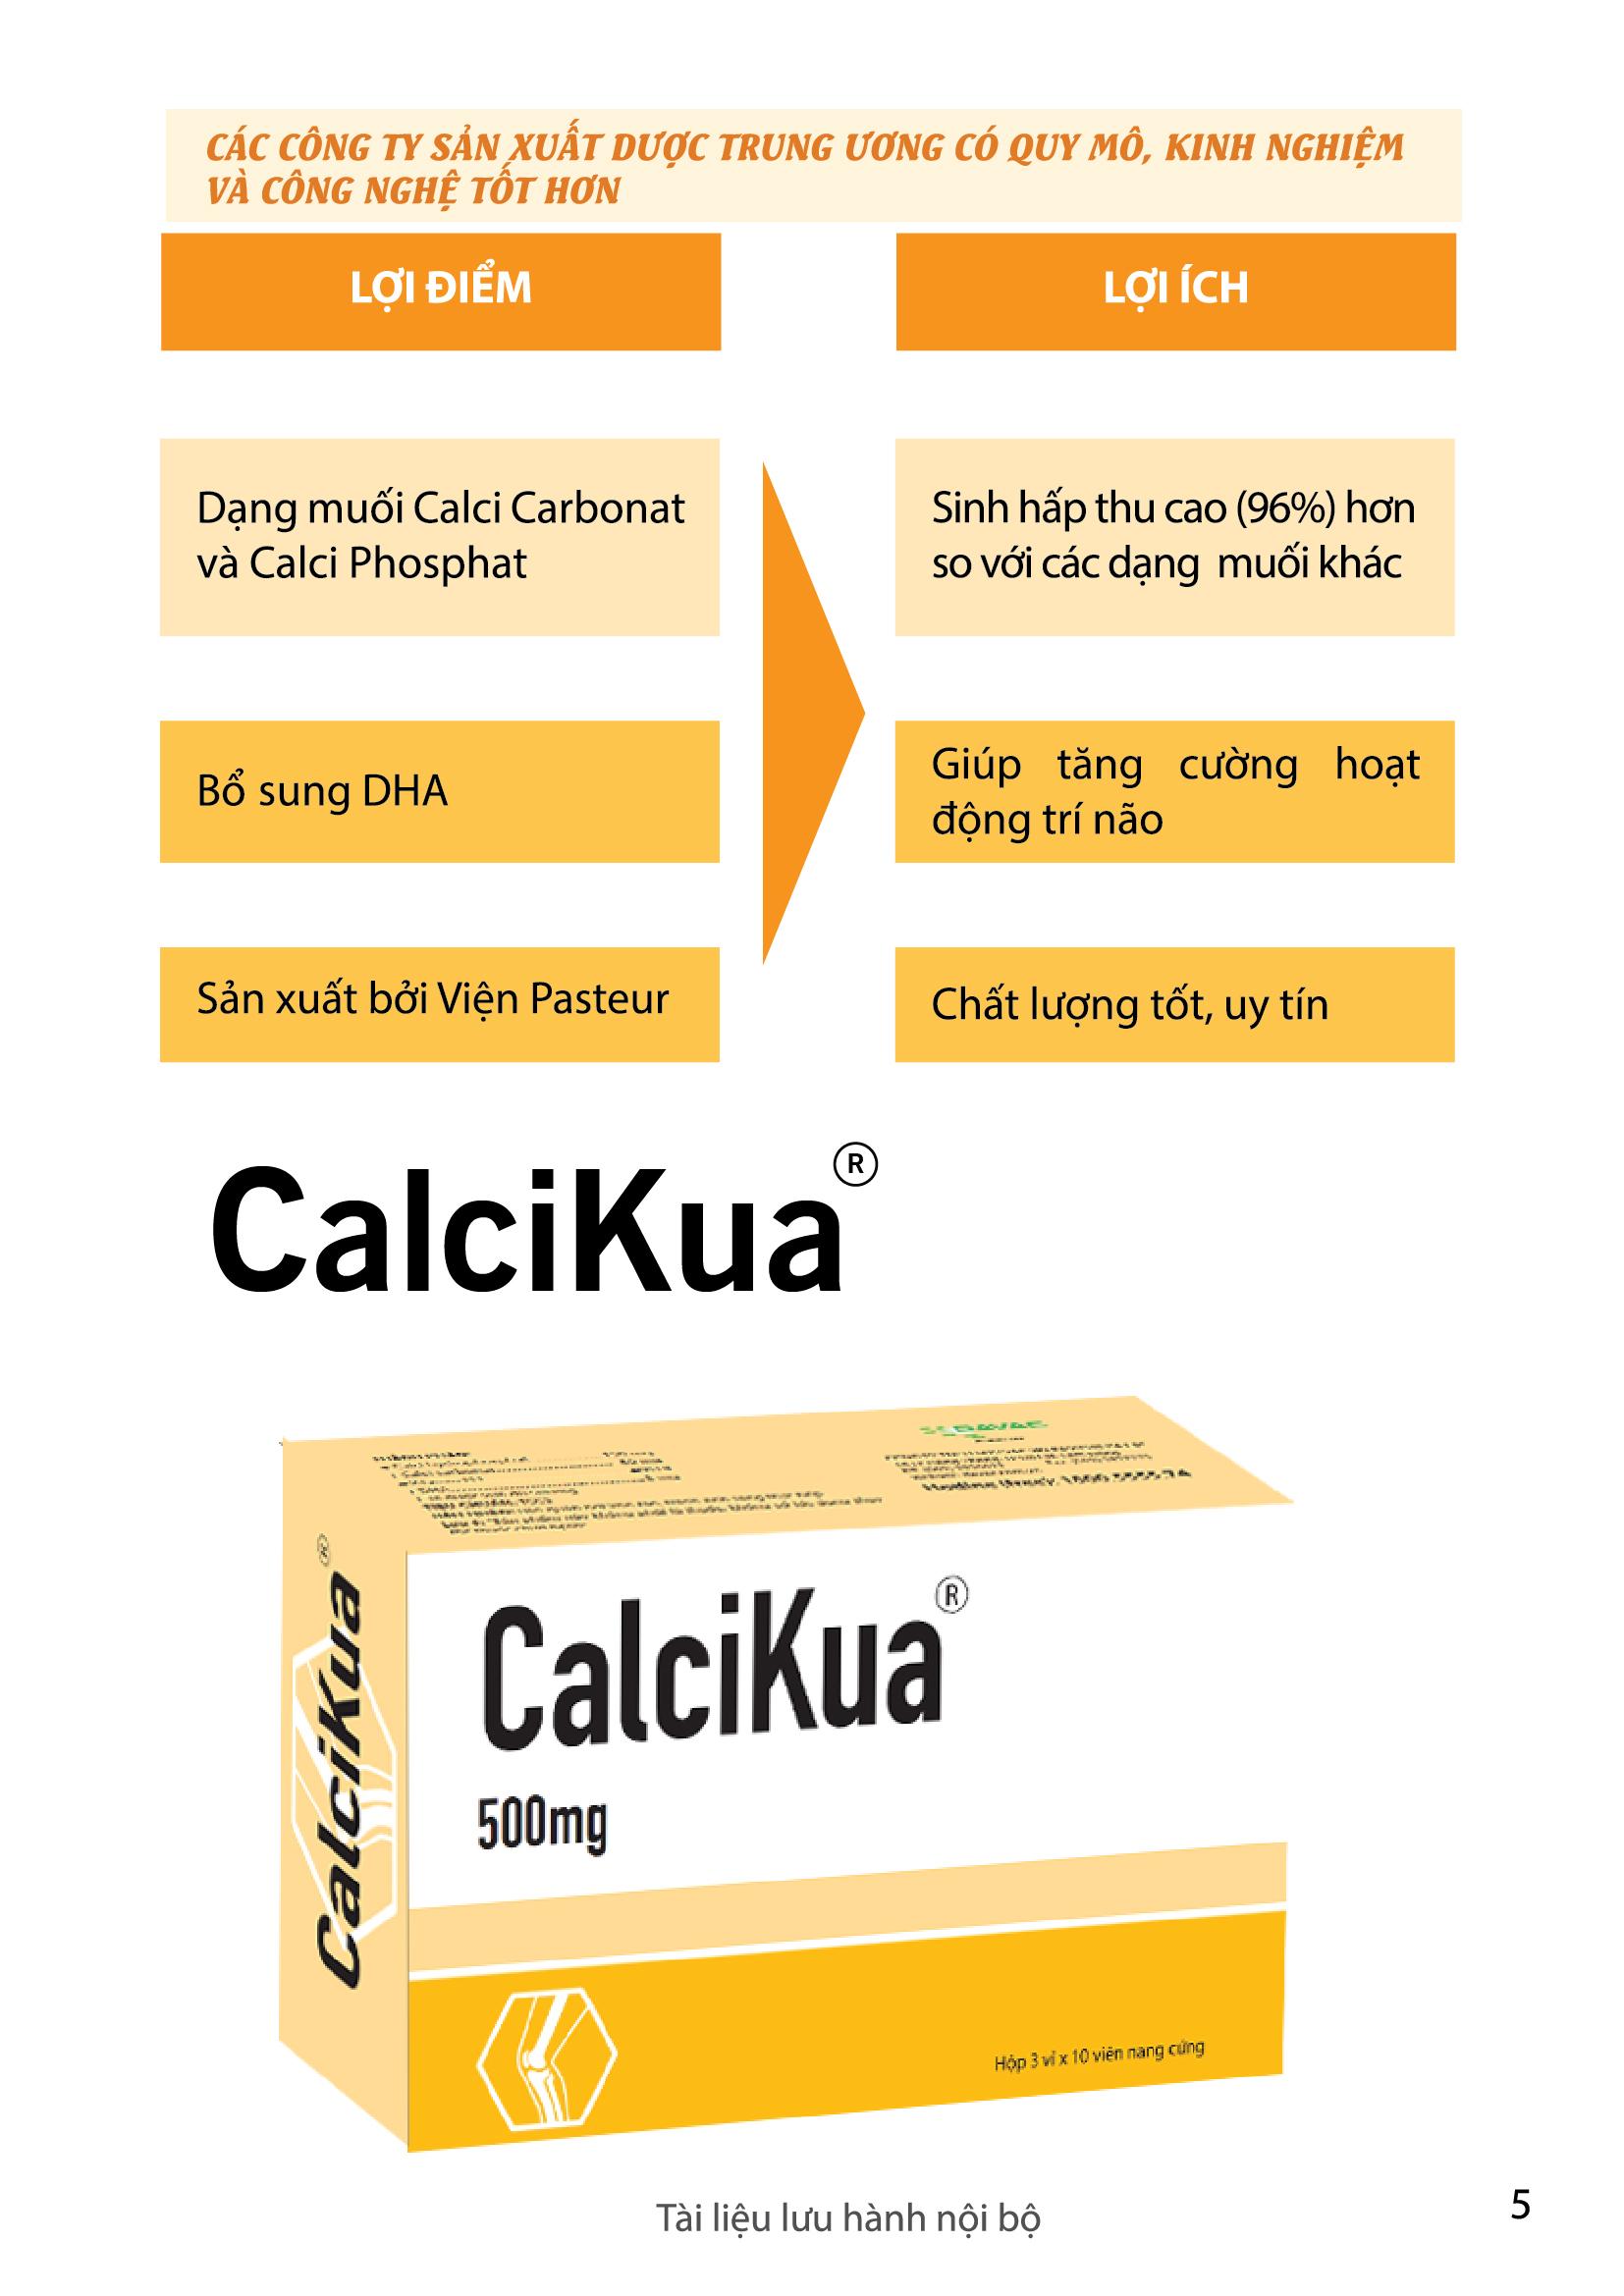 Calcikua_2.jpg